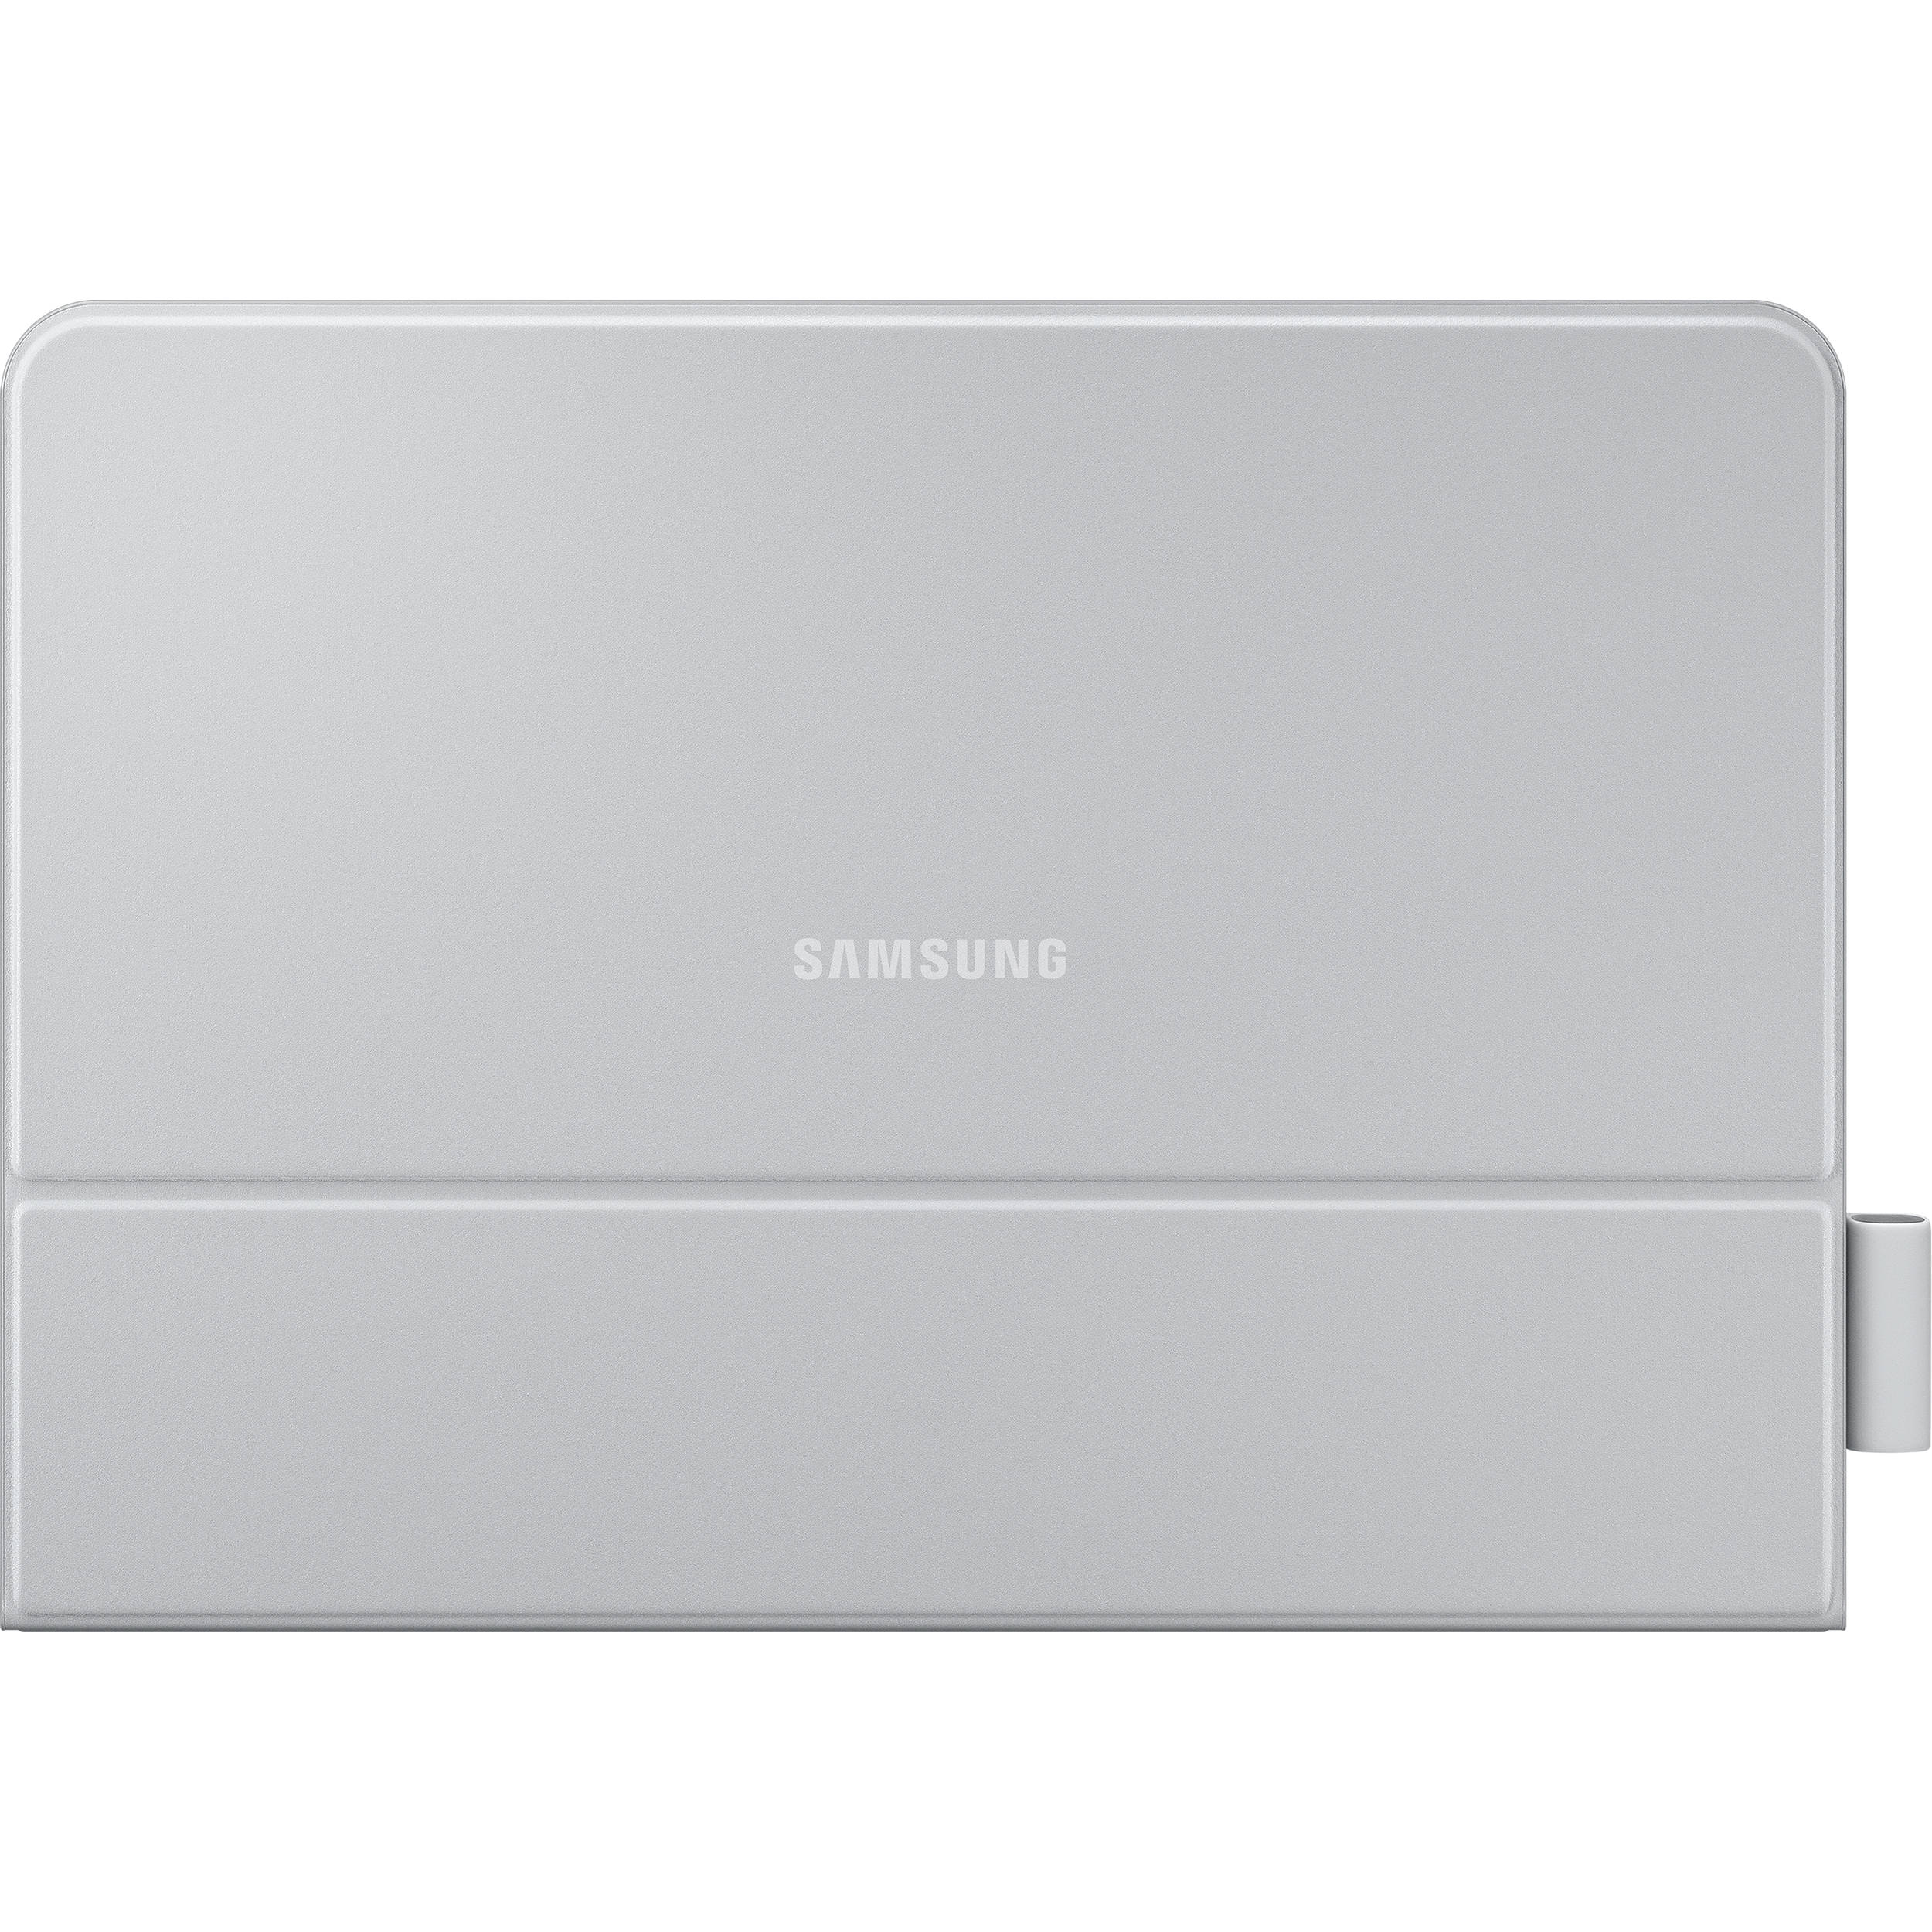 Samsung EJ-FT820 Pin Pogo Grigio tastiera per dispositivo mobile